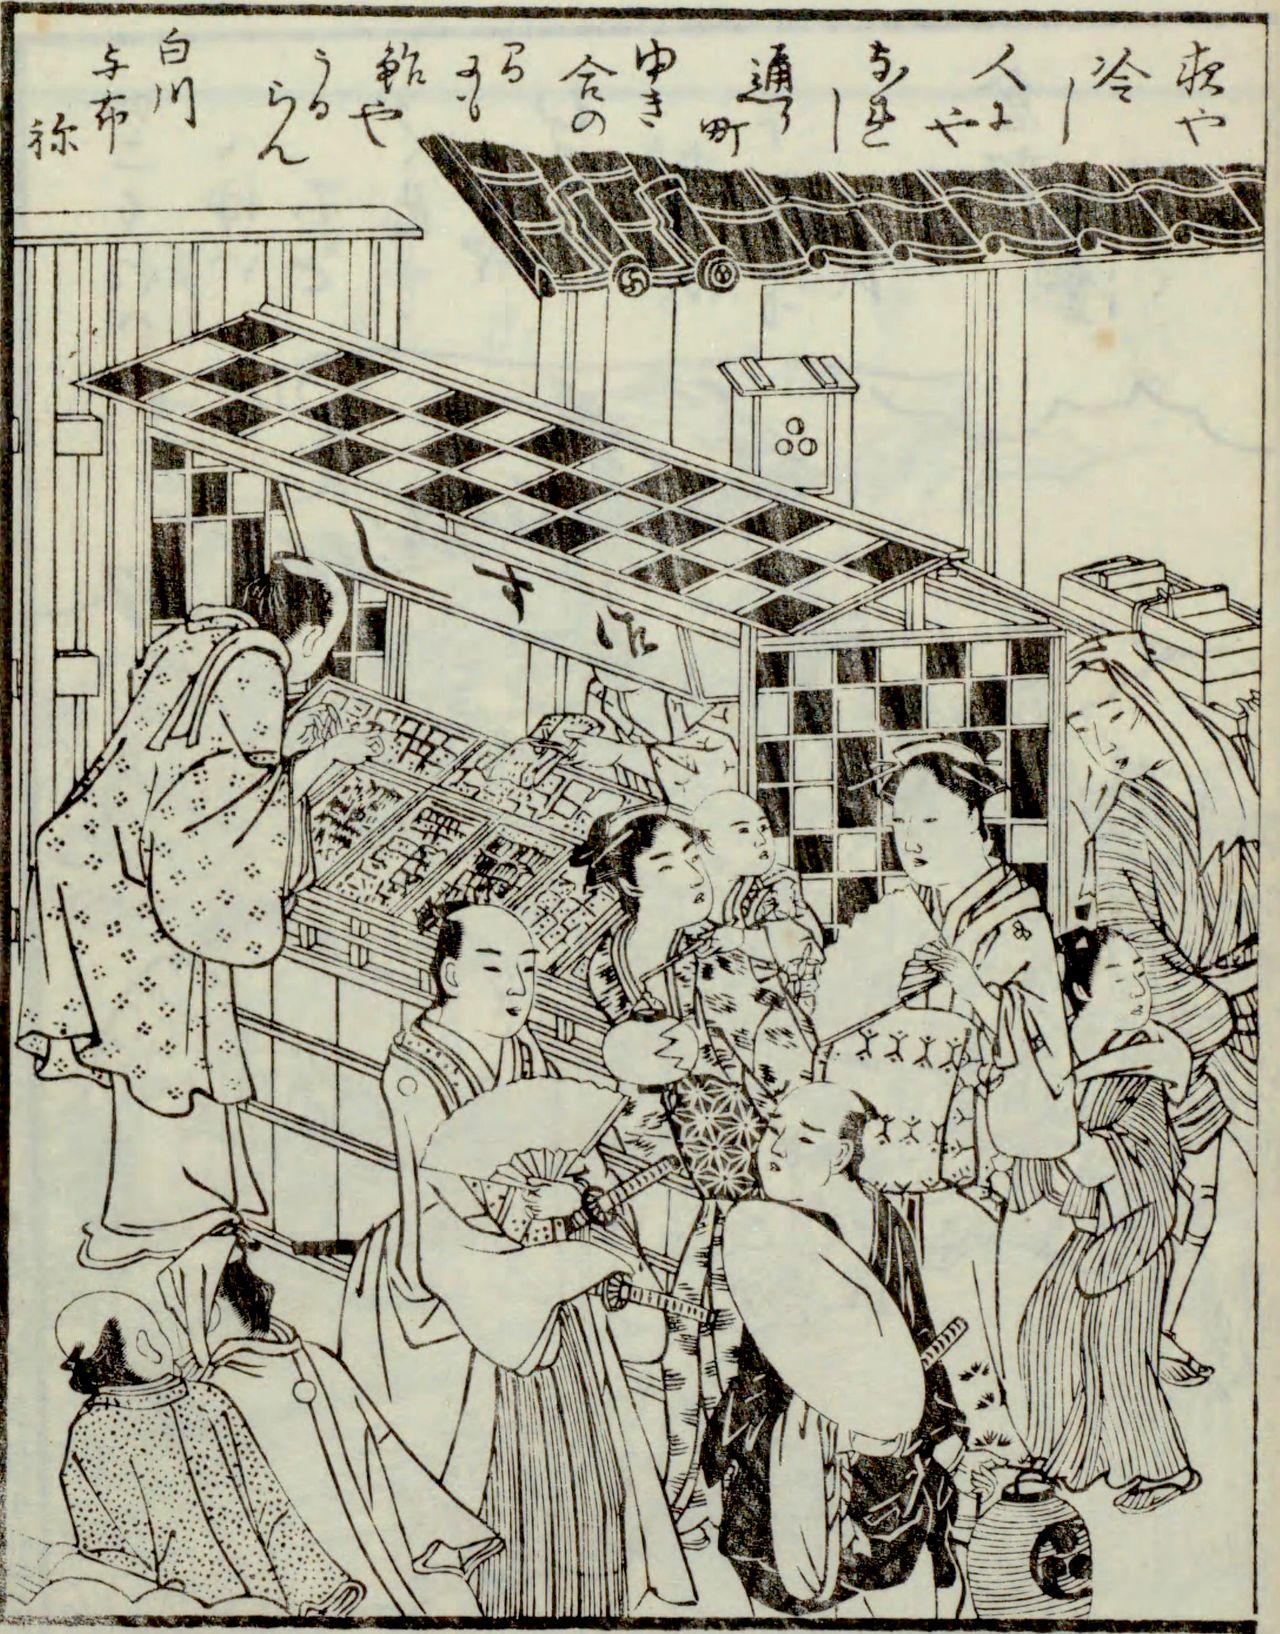 Warung sushi di jalanan Edo. Pelanggan memilih topping yang dipajang, dan koki di belakang membuat sushi untuk mereka. Dari Ehon Edo suzume (Picture Book: Edo Sparrows). (Atas kebaikan Perpustakaan Diet Nasional)